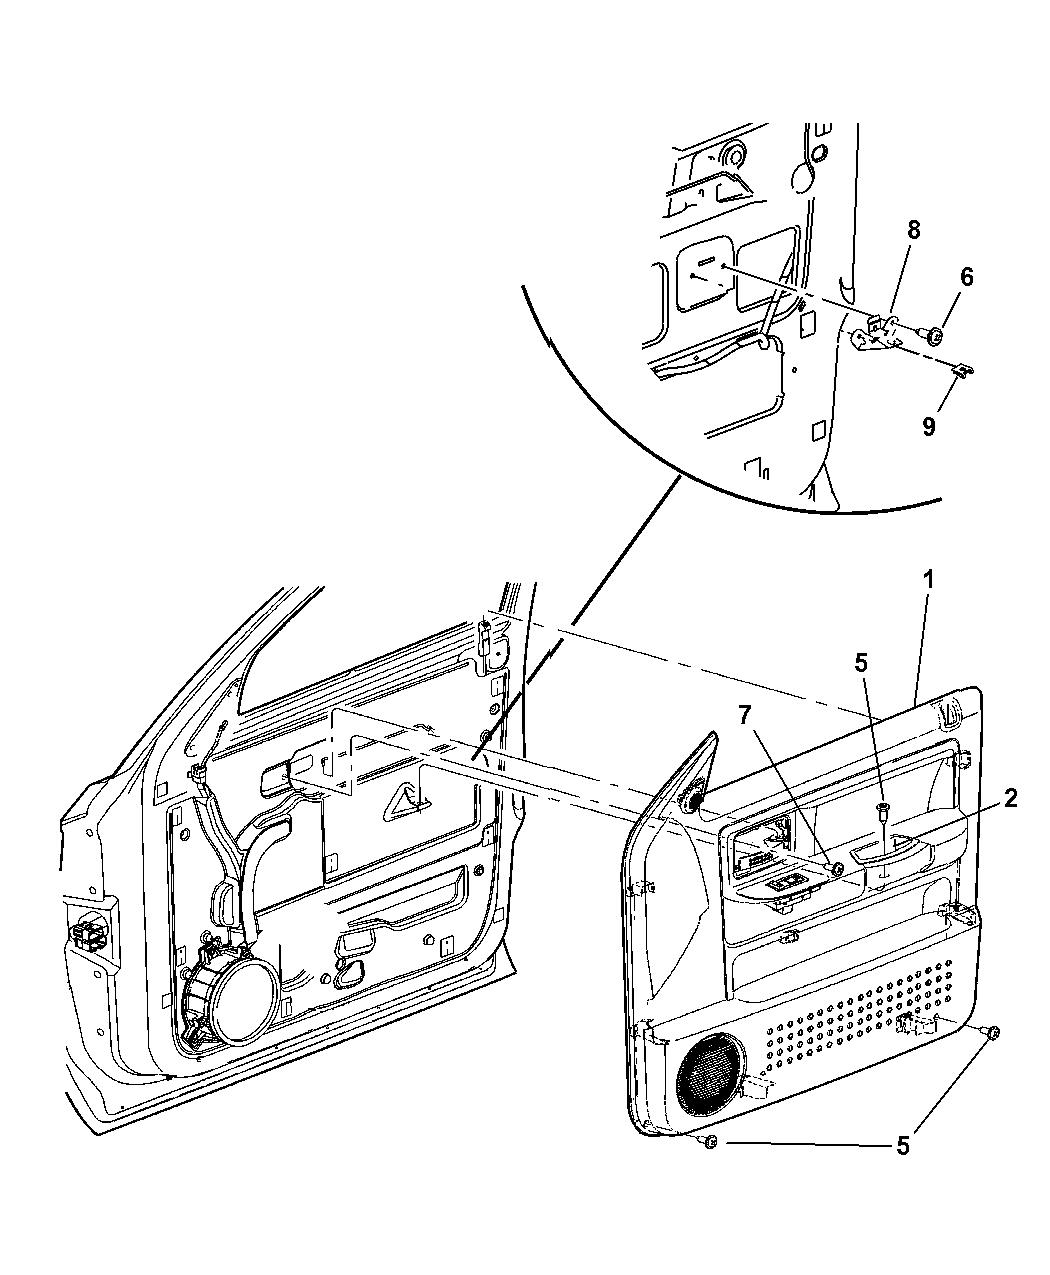 Genuine Dodge PANEL-FRONT DOOR TRIM